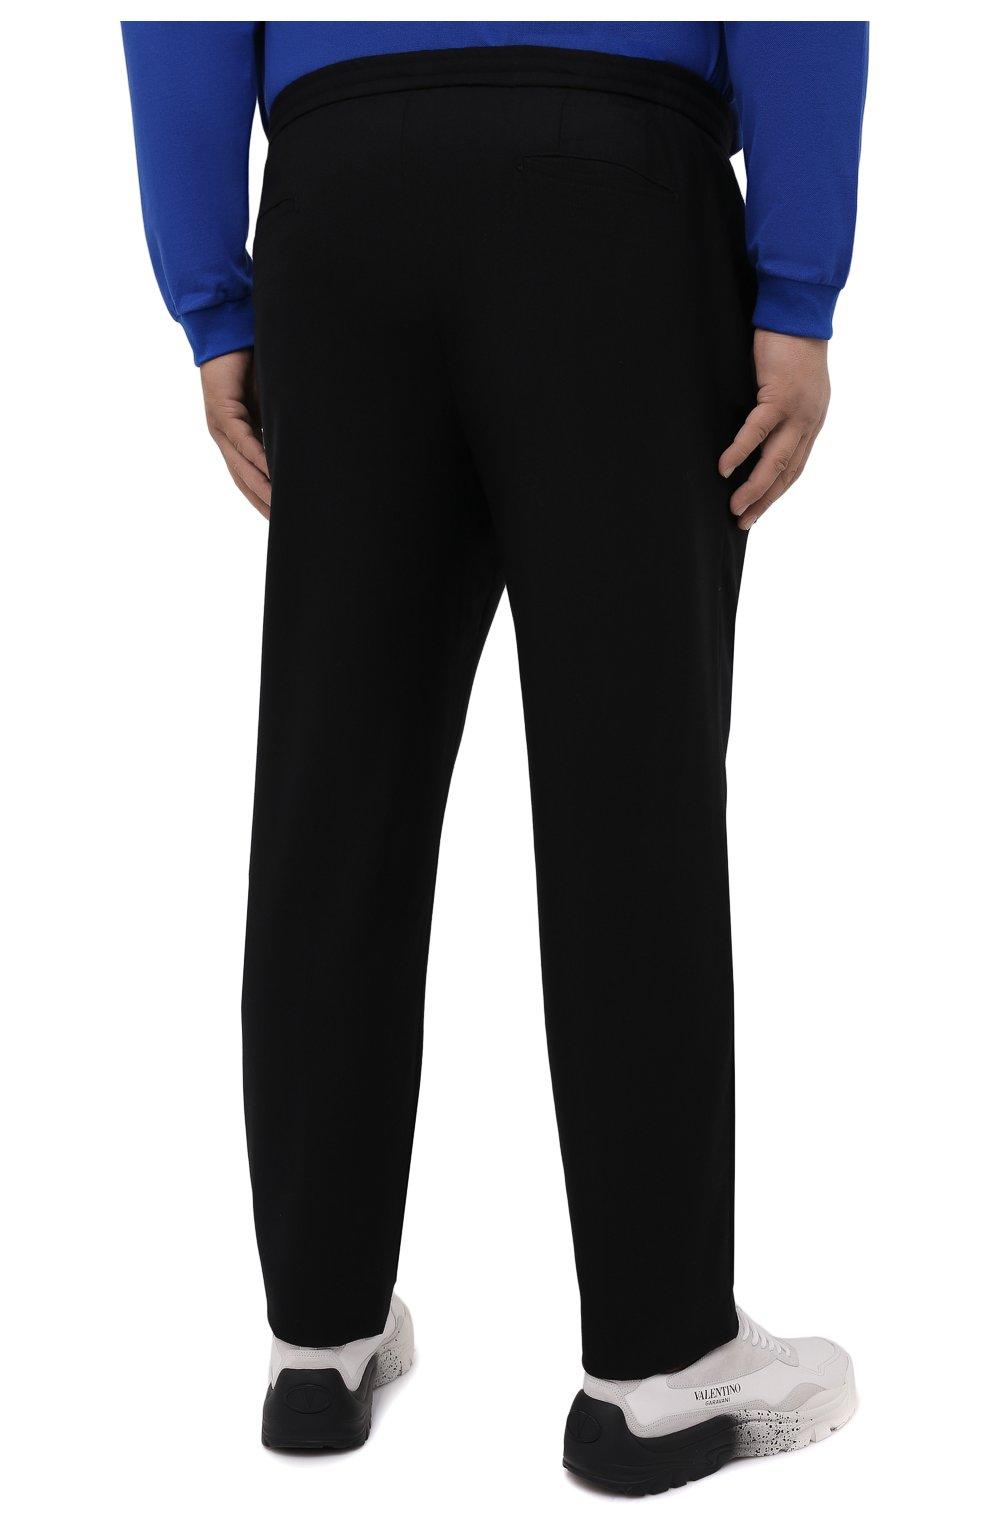 Мужские брюки из шерсти и кашемира MARCO PESCAROLO черного цвета, арт. CHIAIAM/ZIP+SFILA/4438 | Фото 4 (Материал внешний: Шерсть, Кашемир; Длина (брюки, джинсы): Стандартные; Случай: Повседневный; Стили: Кэжуэл)